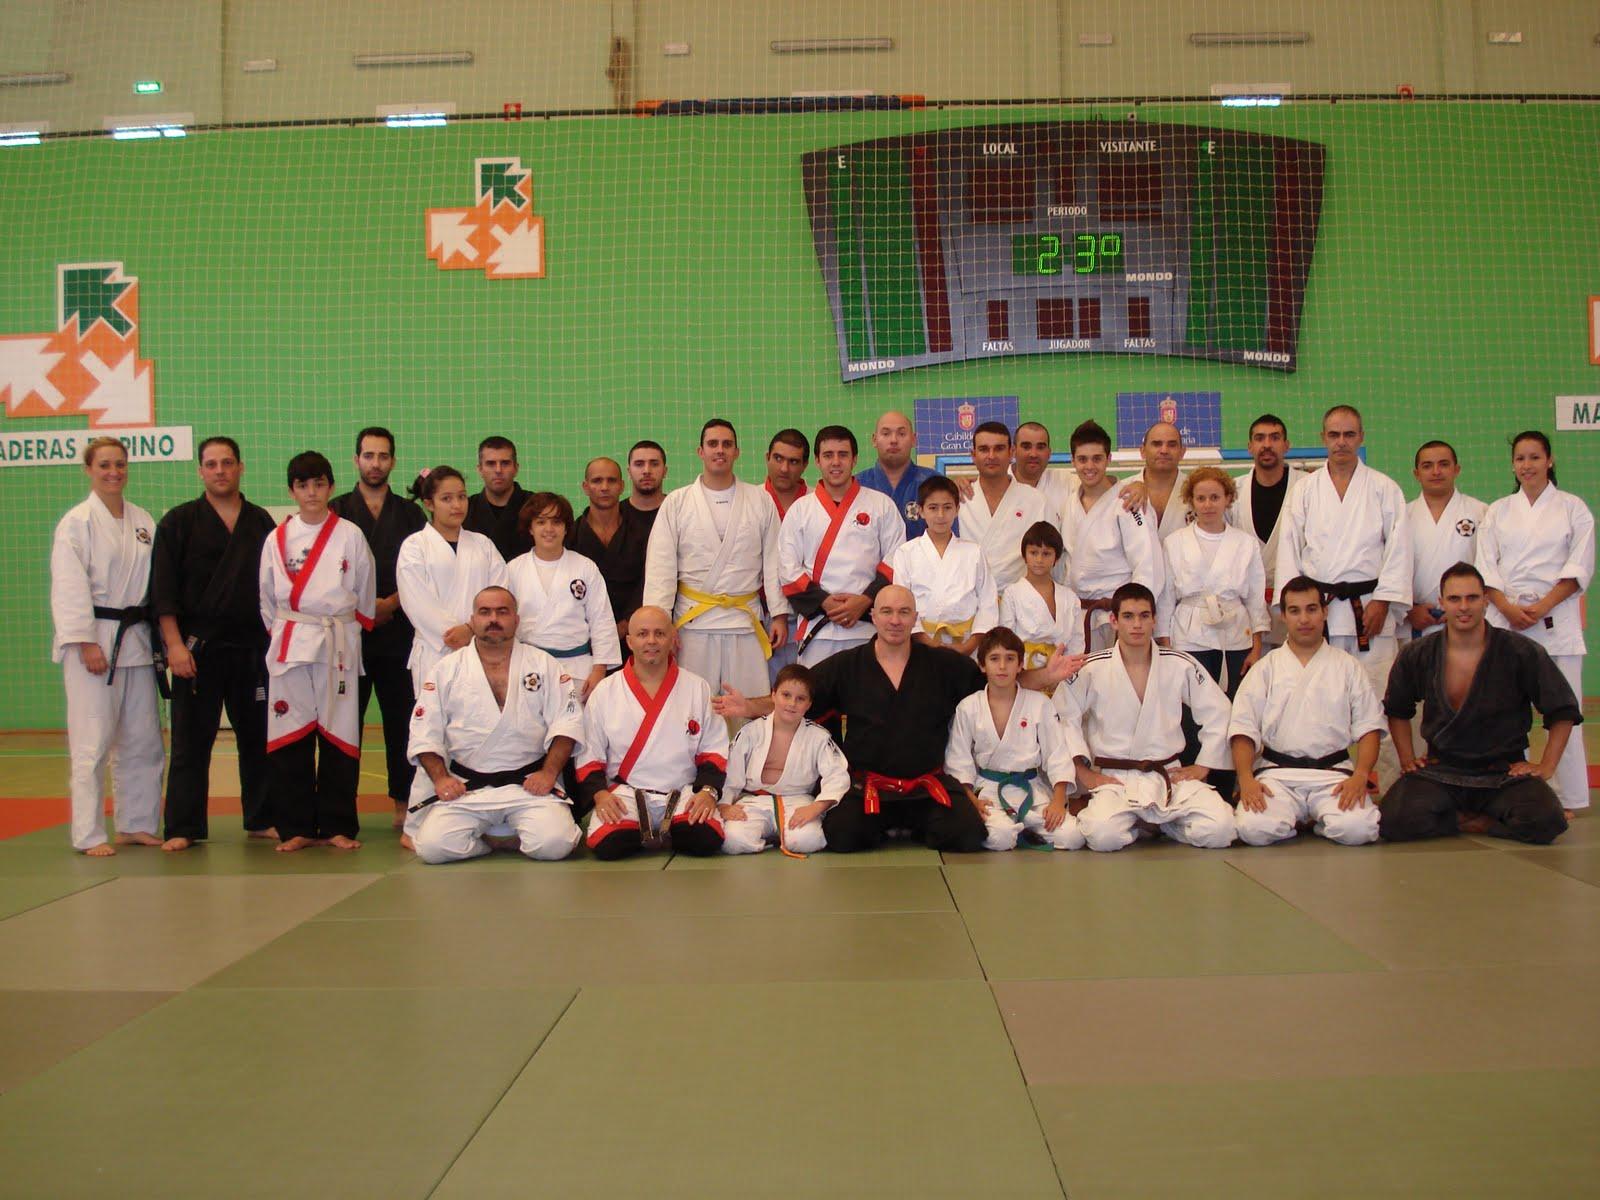 Budocanarias curso internacional de jiu jitsu con el for Gimnasio lee